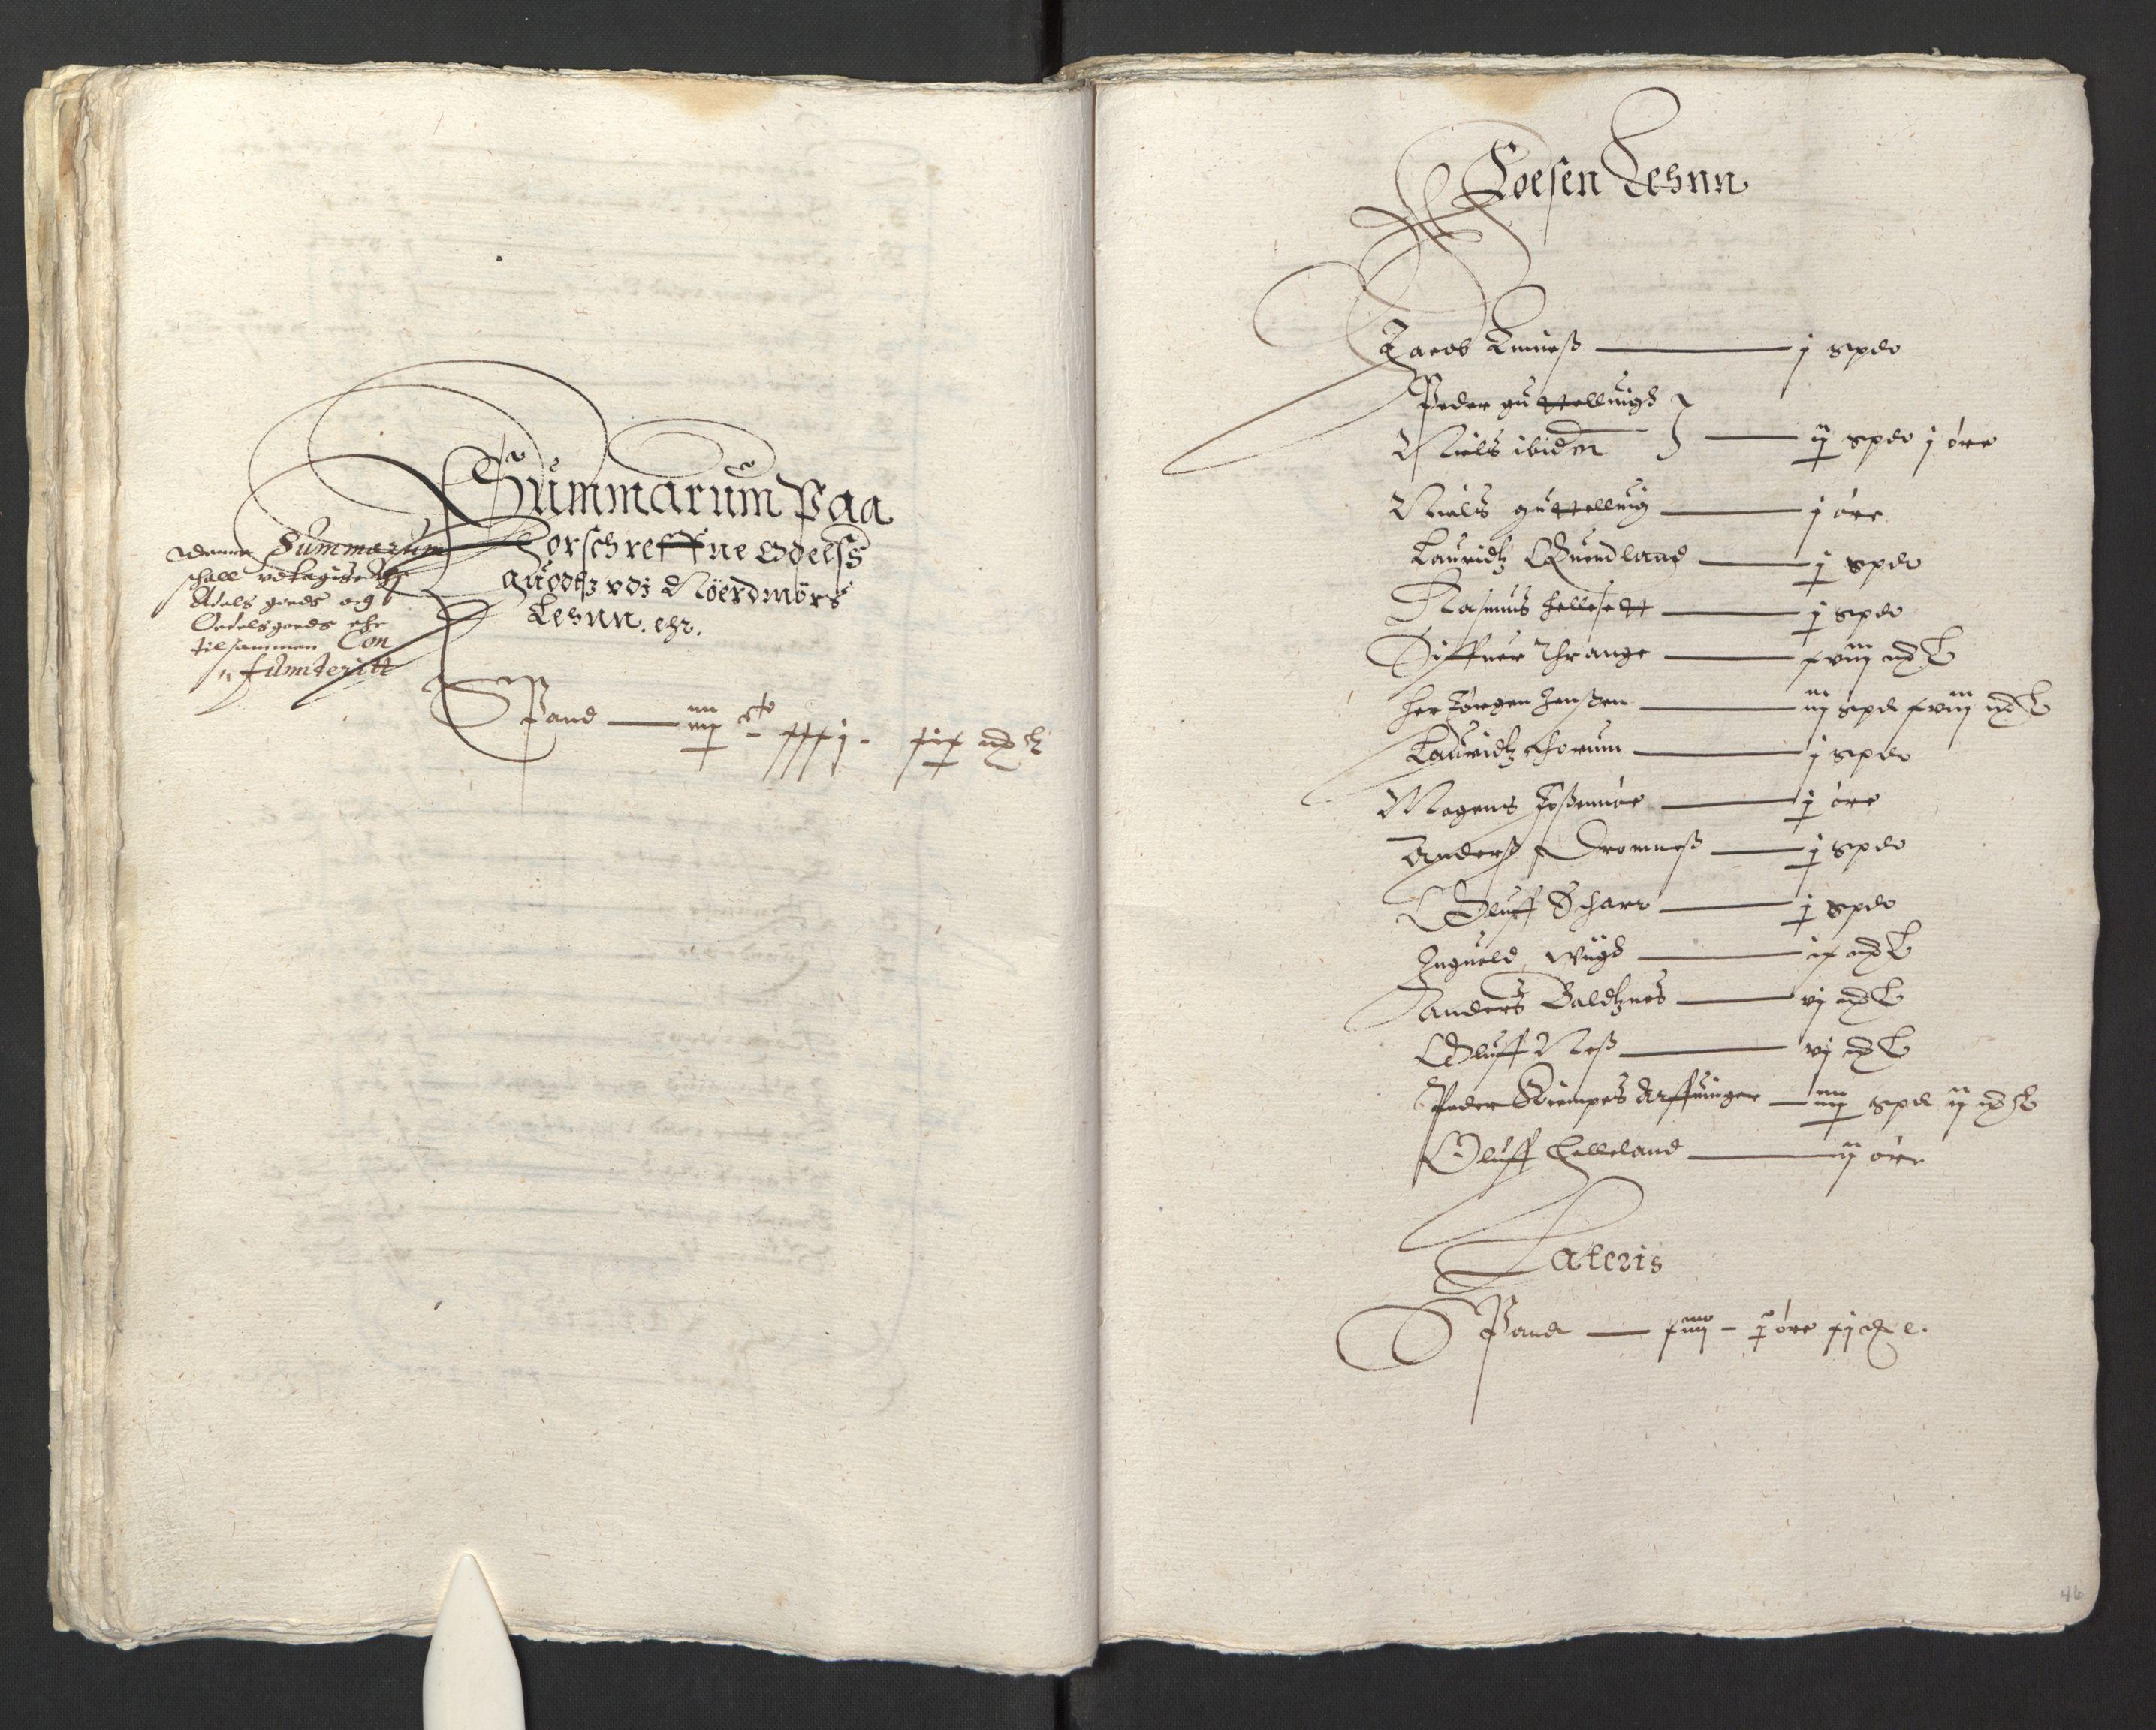 RA, Stattholderembetet 1572-1771, Ek/L0013: Jordebøker til utlikning av rosstjeneste 1624-1626:, 1624-1625, s. 49